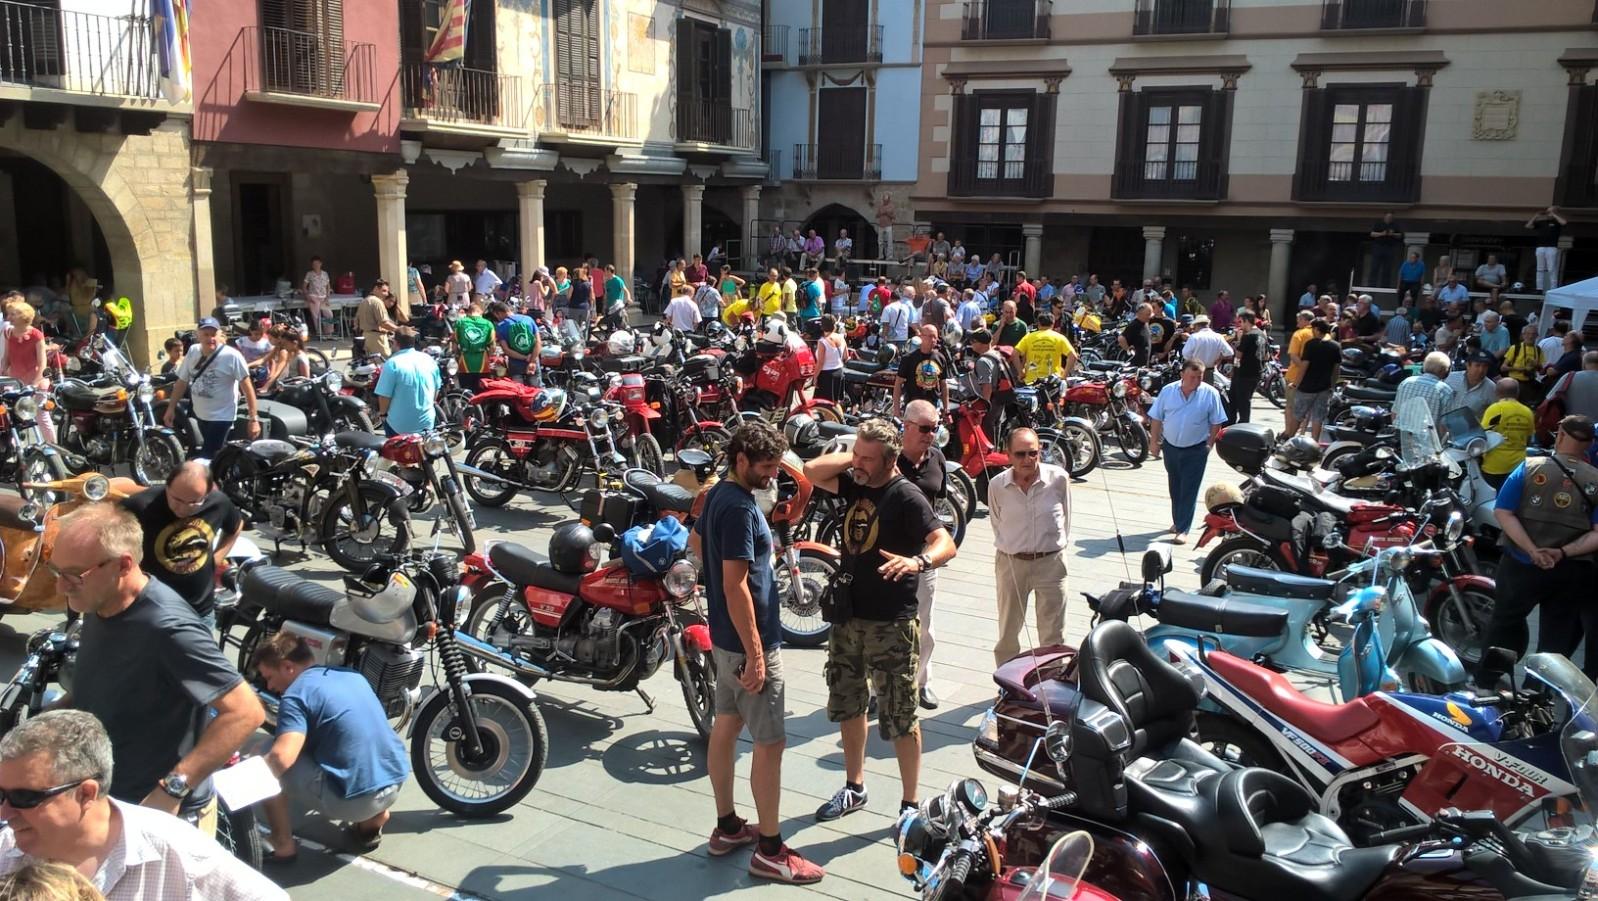 XI concentracion de motos antiguas en Alberuela de tubo (Huesca) 2uj46ld